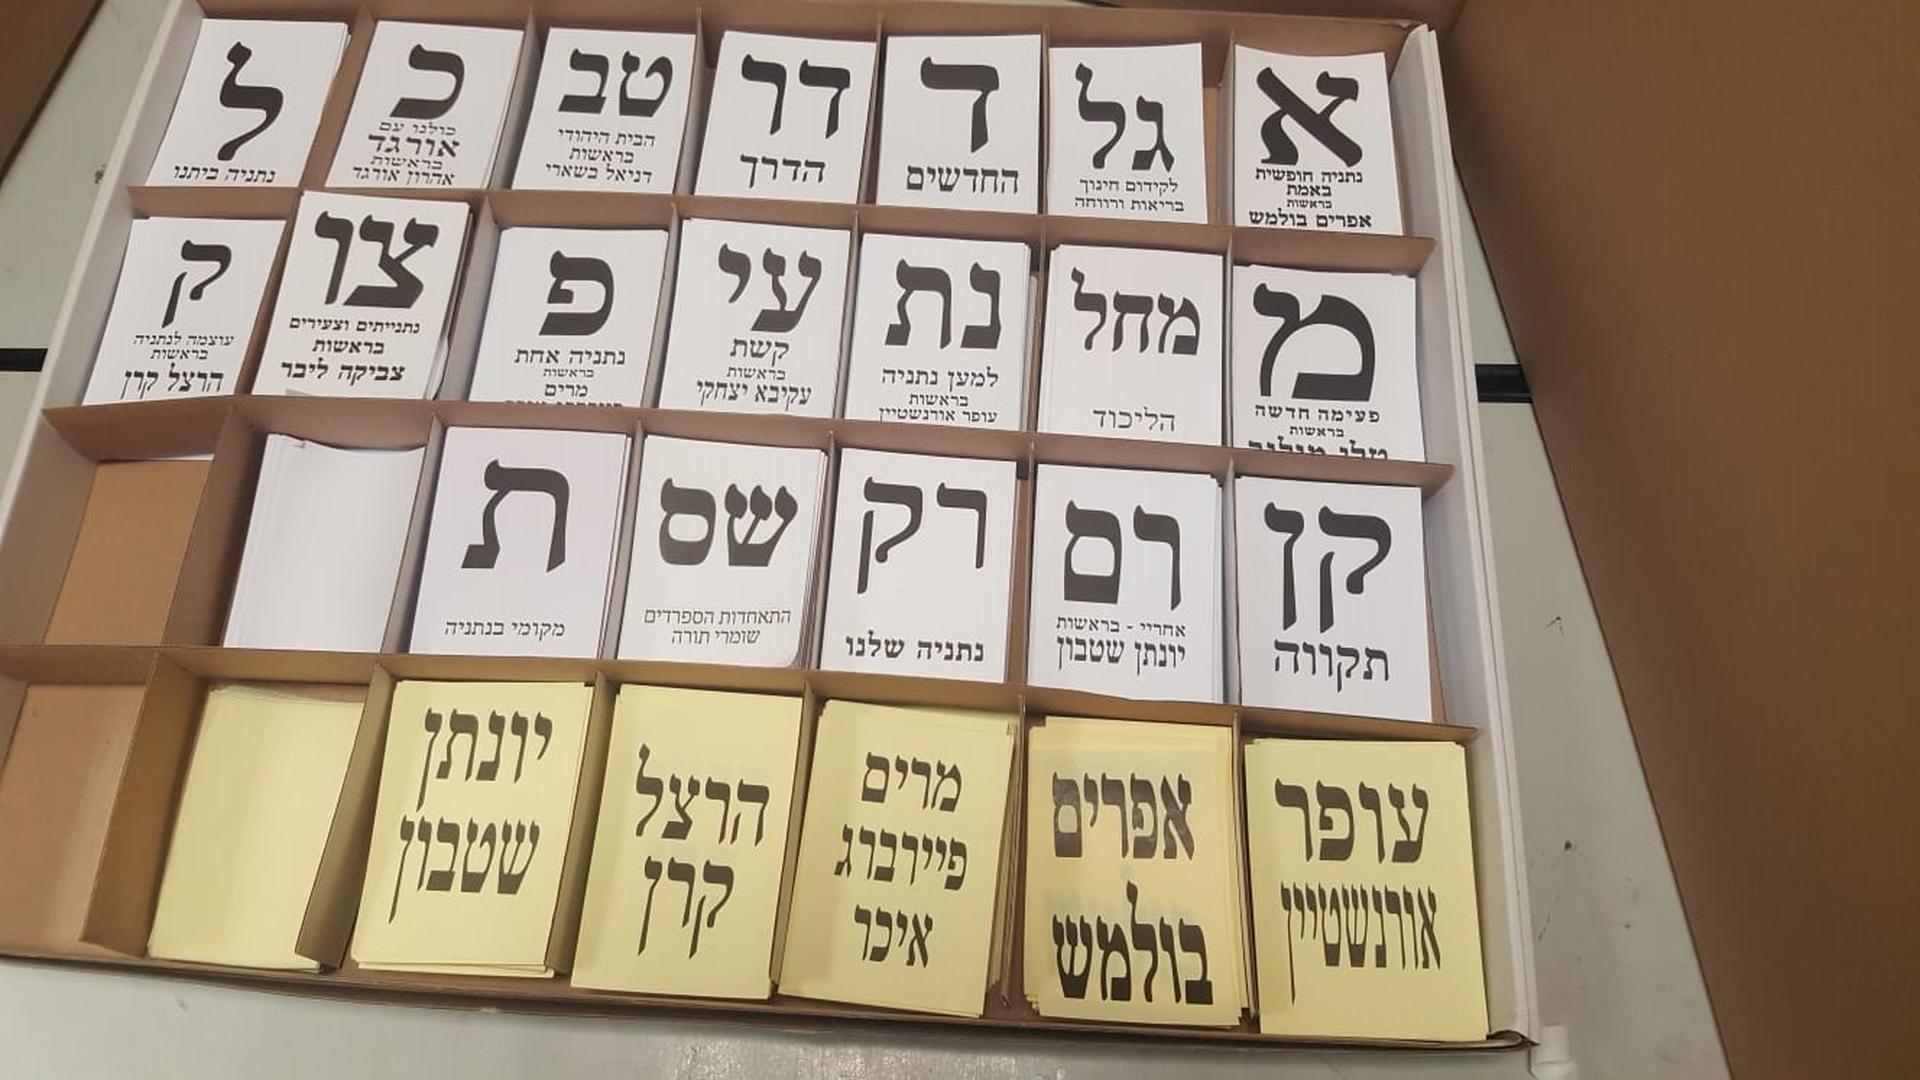 8 - כל רישמות המועמדים בנתניה   צילום: ניר איסקוב